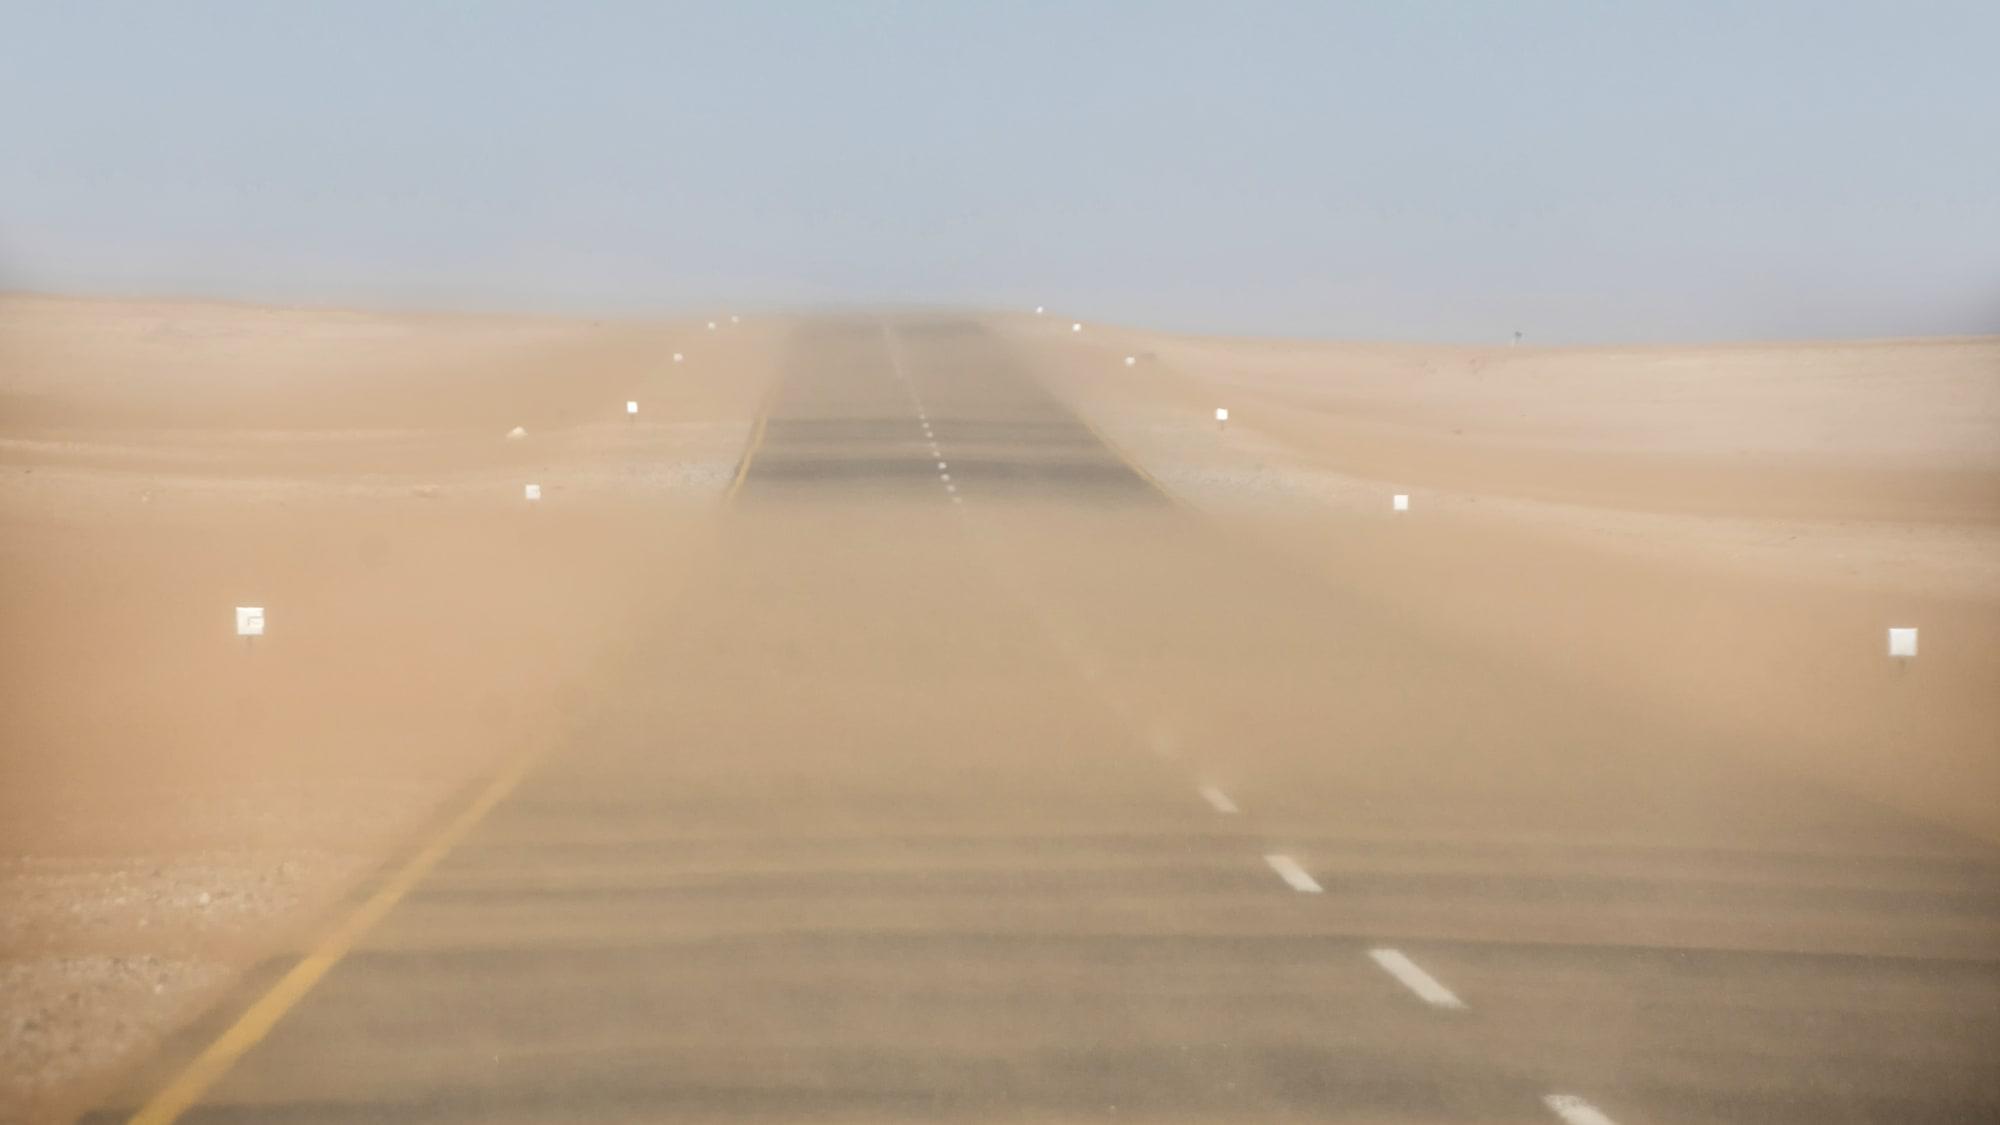 Schlechte Sicht auf einer einsamen Straße in Namibia wegen einem Sandsturm